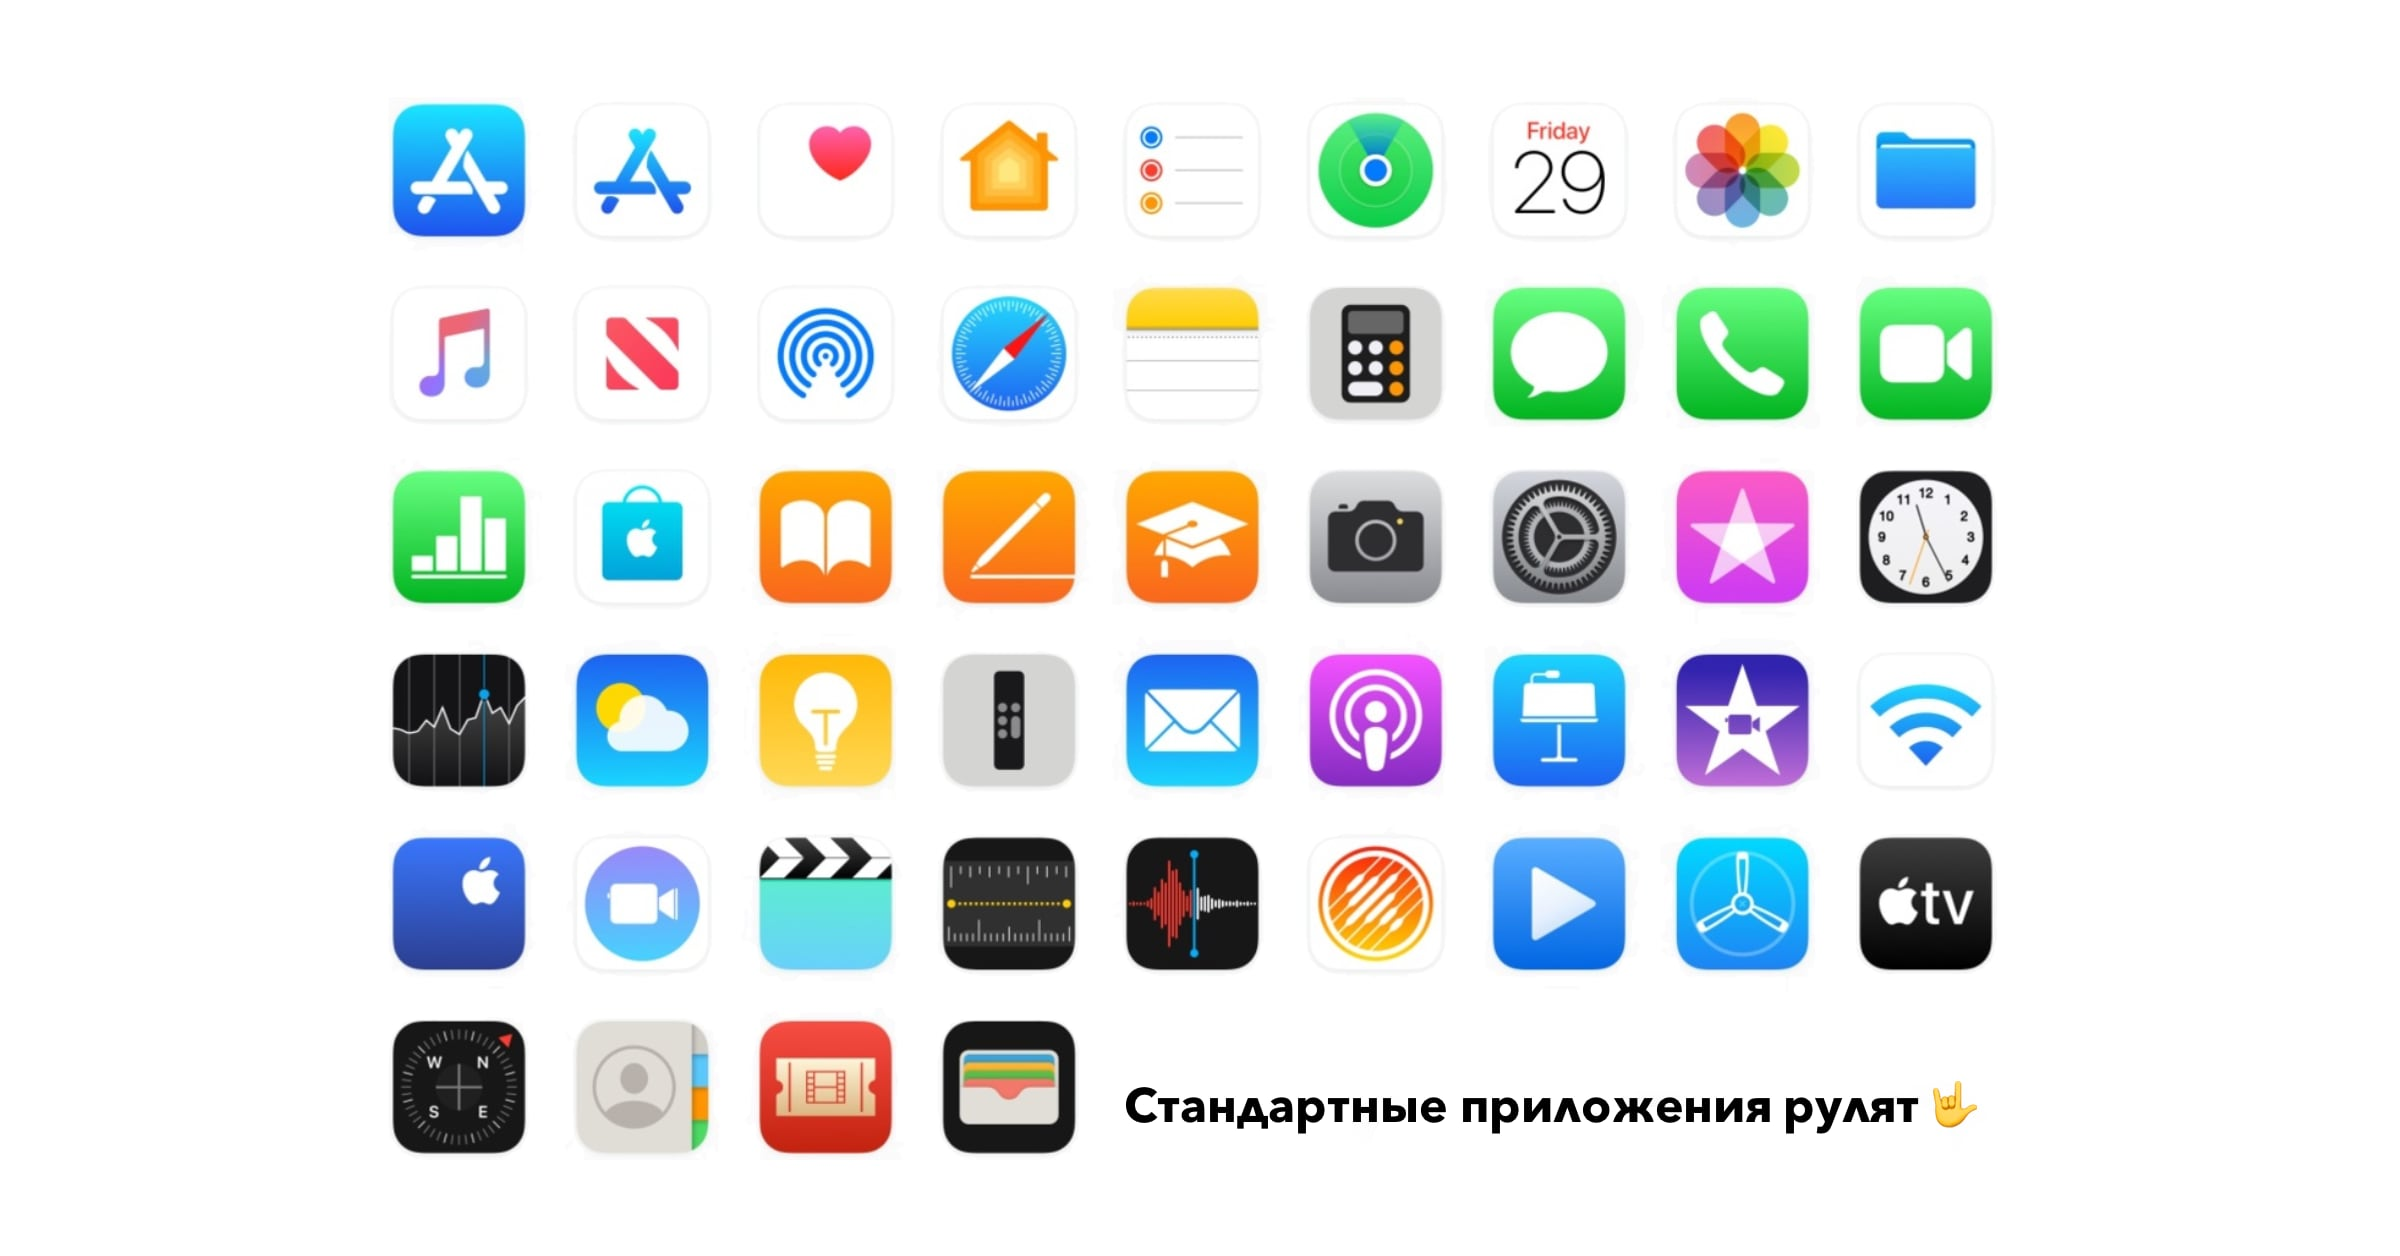 Apple-Standartnye-prilozheniya